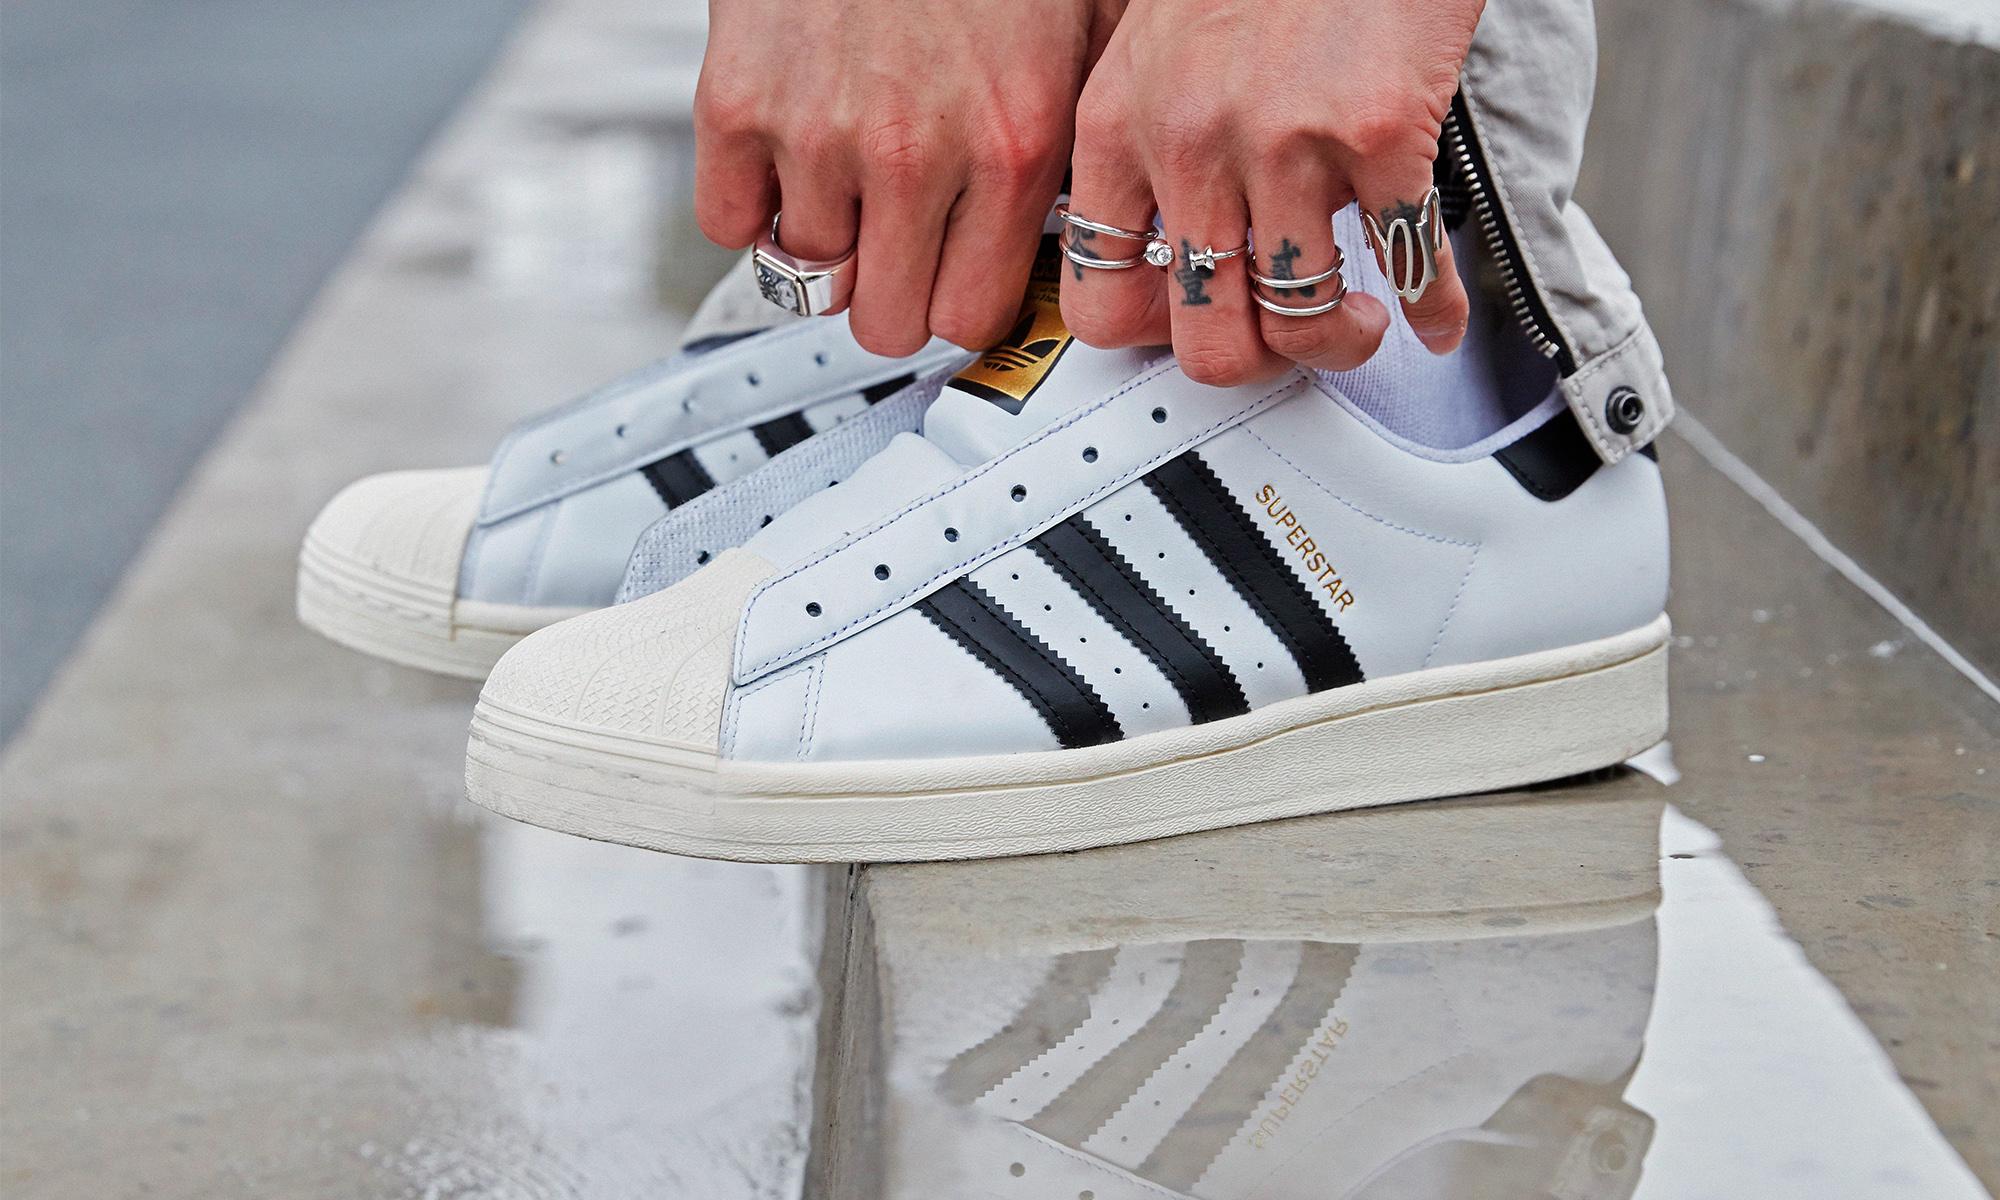 抽离了鞋带的球鞋,将会呈现何种样貌?